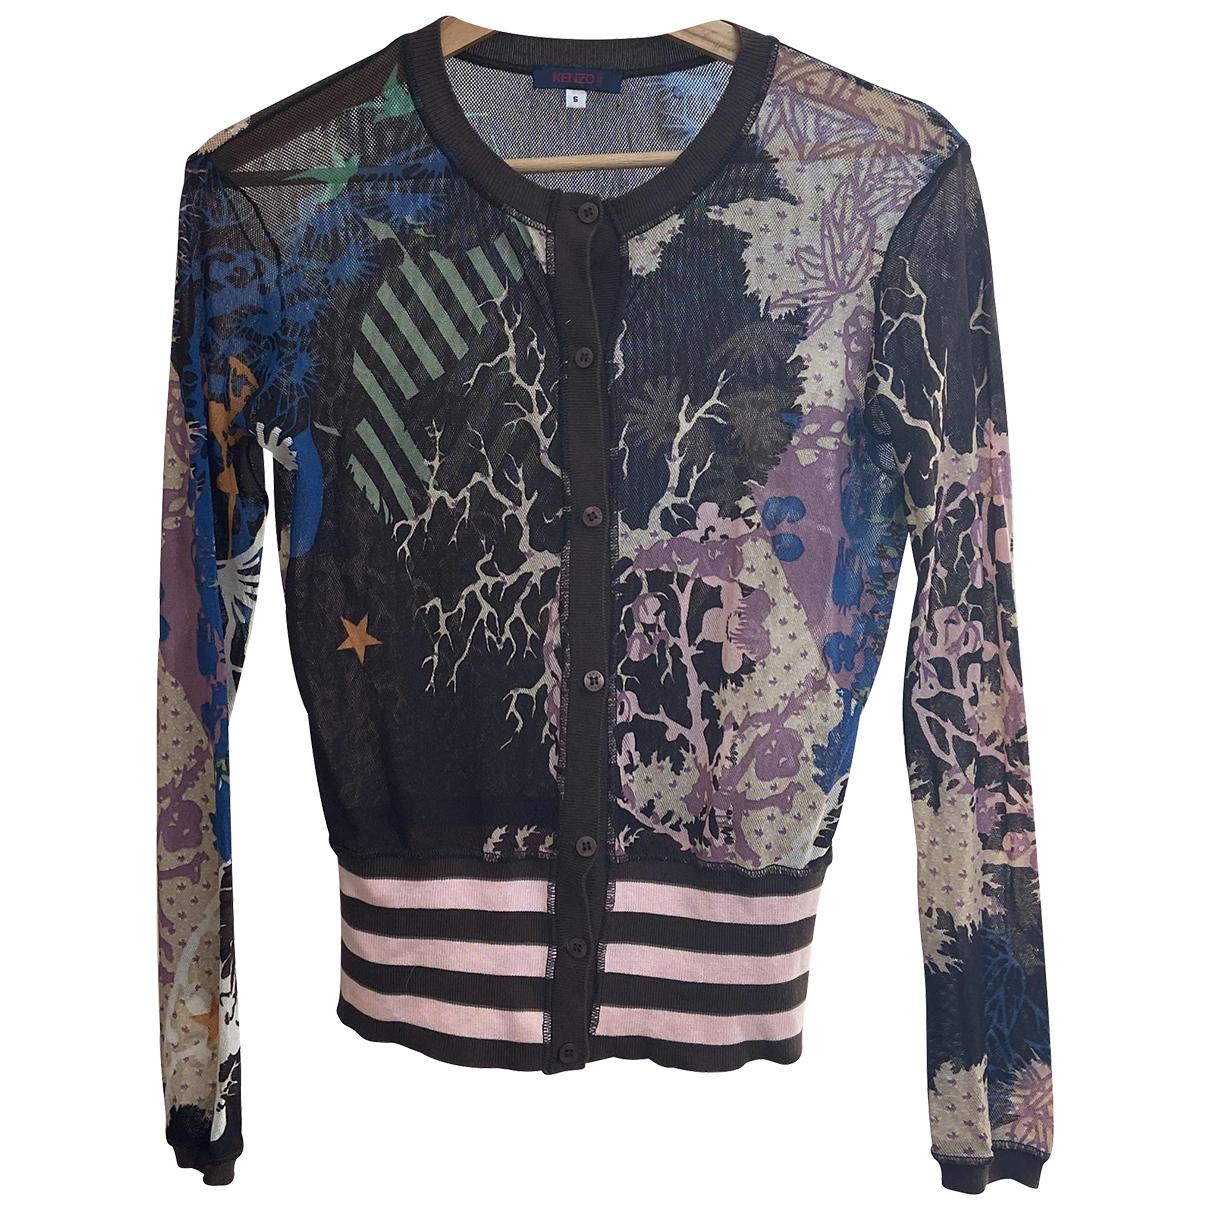 Kenzo N Multicolour Cotton Knitwear for Women 36 FR